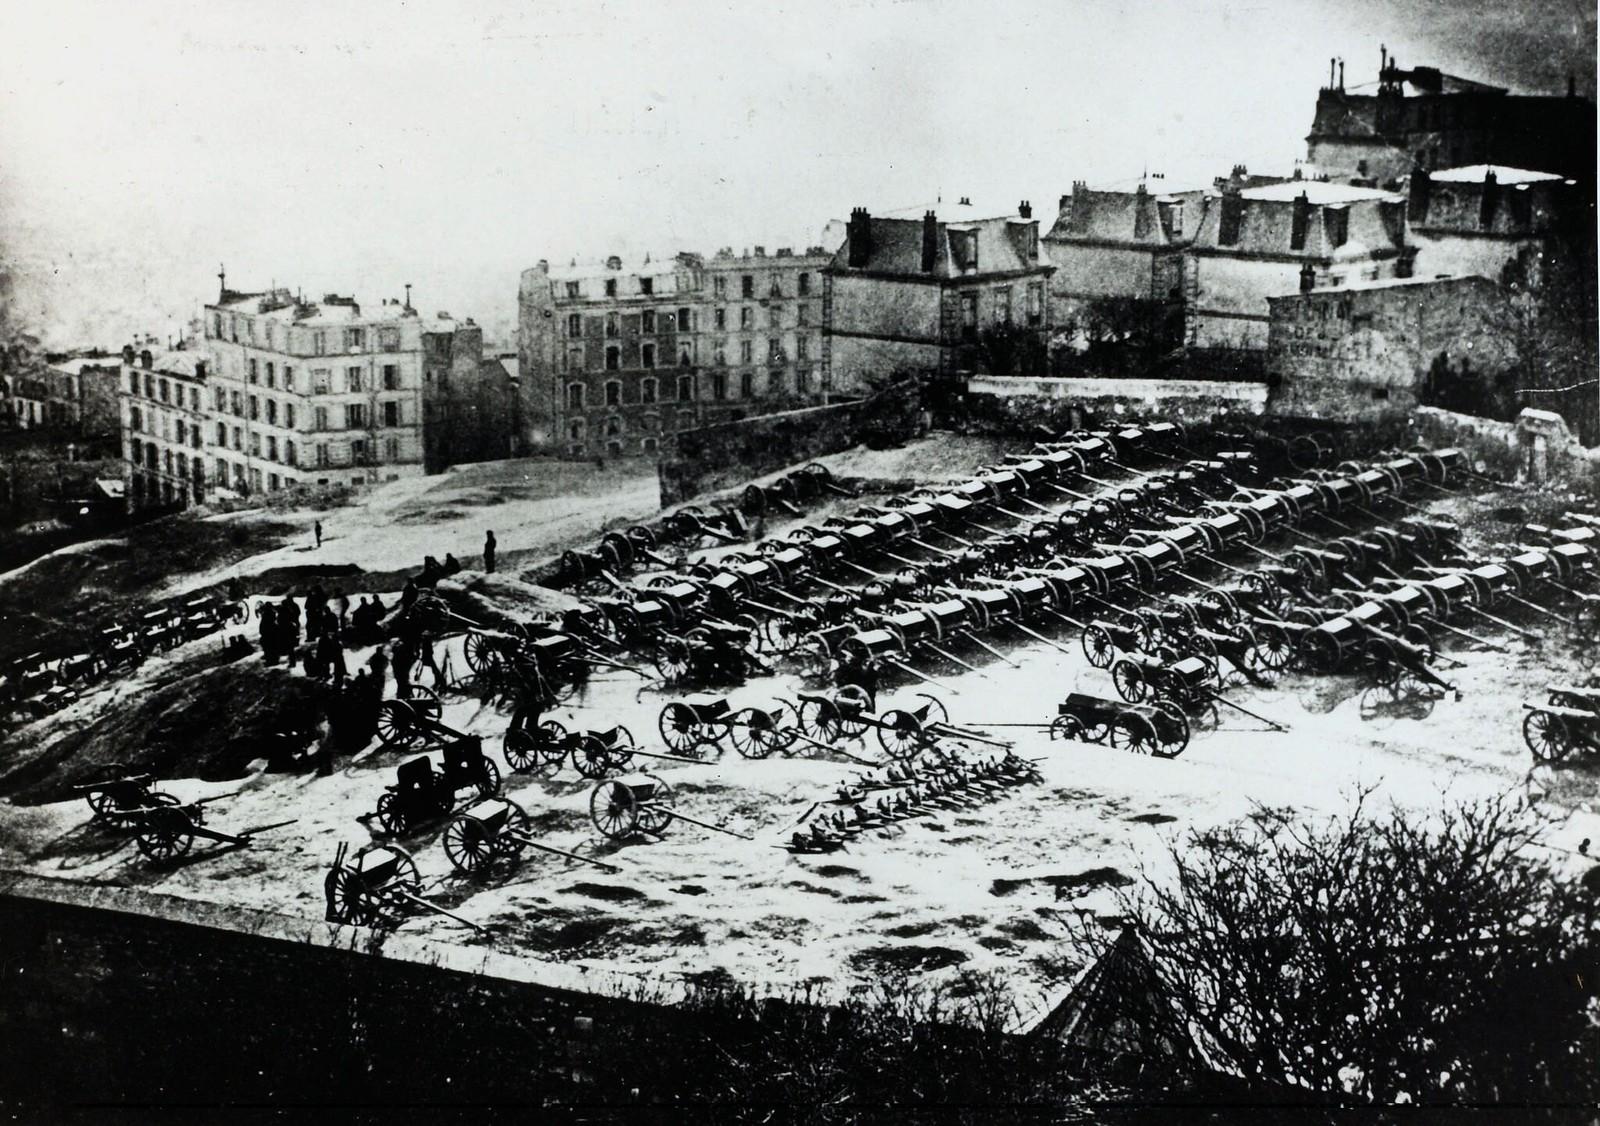 1871.  Перед вступлением немцев в Париж, гвардейцы при помощи населения переместили артиллерийские орудия в специальные места города, которые находились на расстоянии от маршрута прохода немецких войск. Один из крупнейших «артиллерийских парков» был на вы